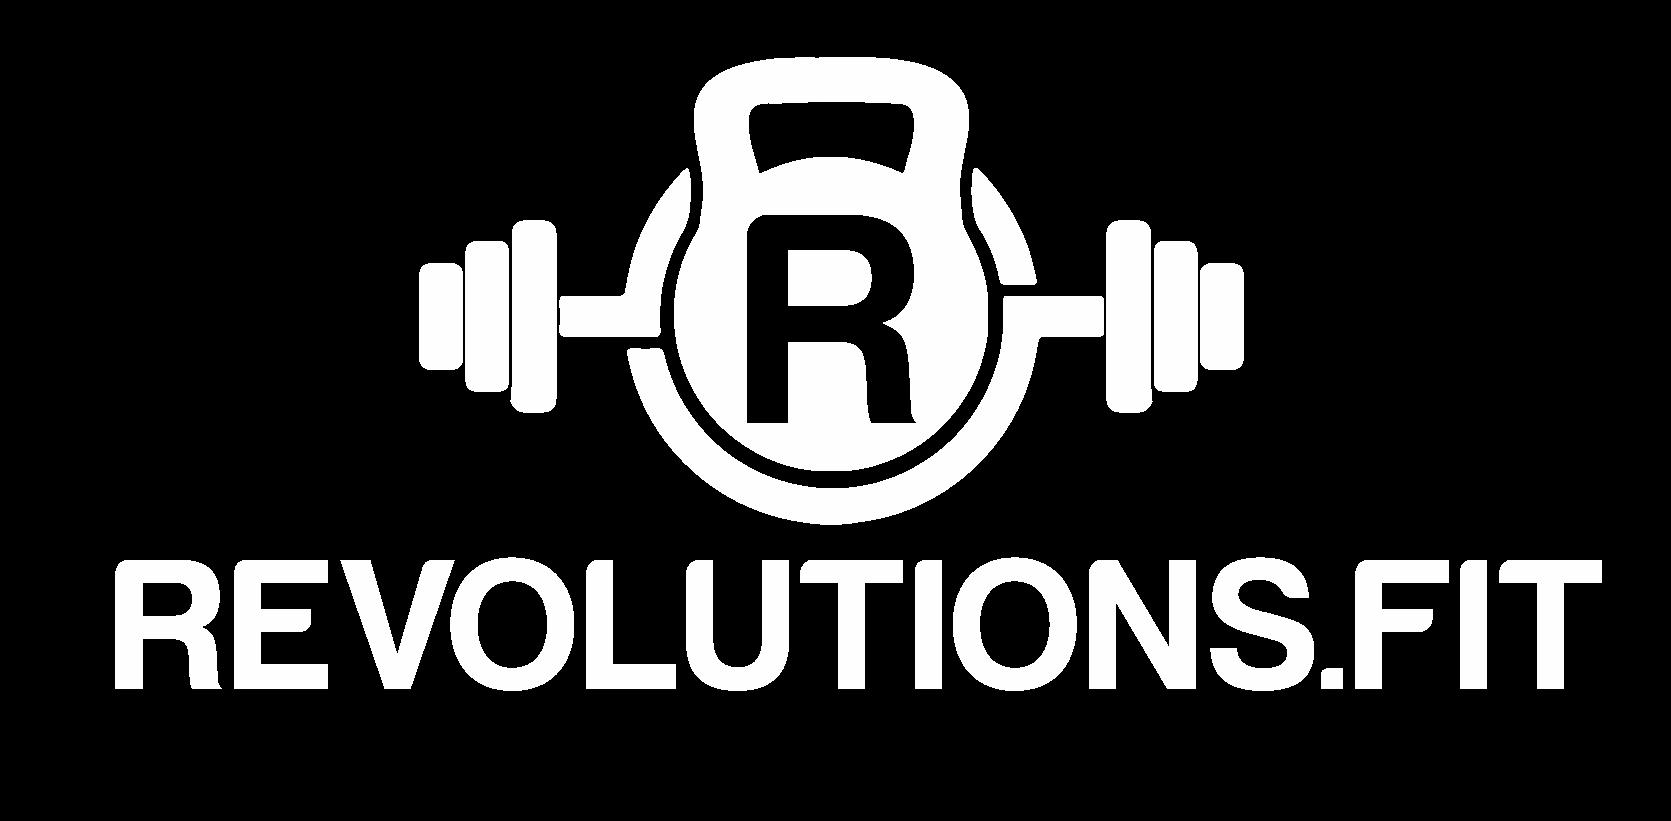 Revolutions.fit-white-2